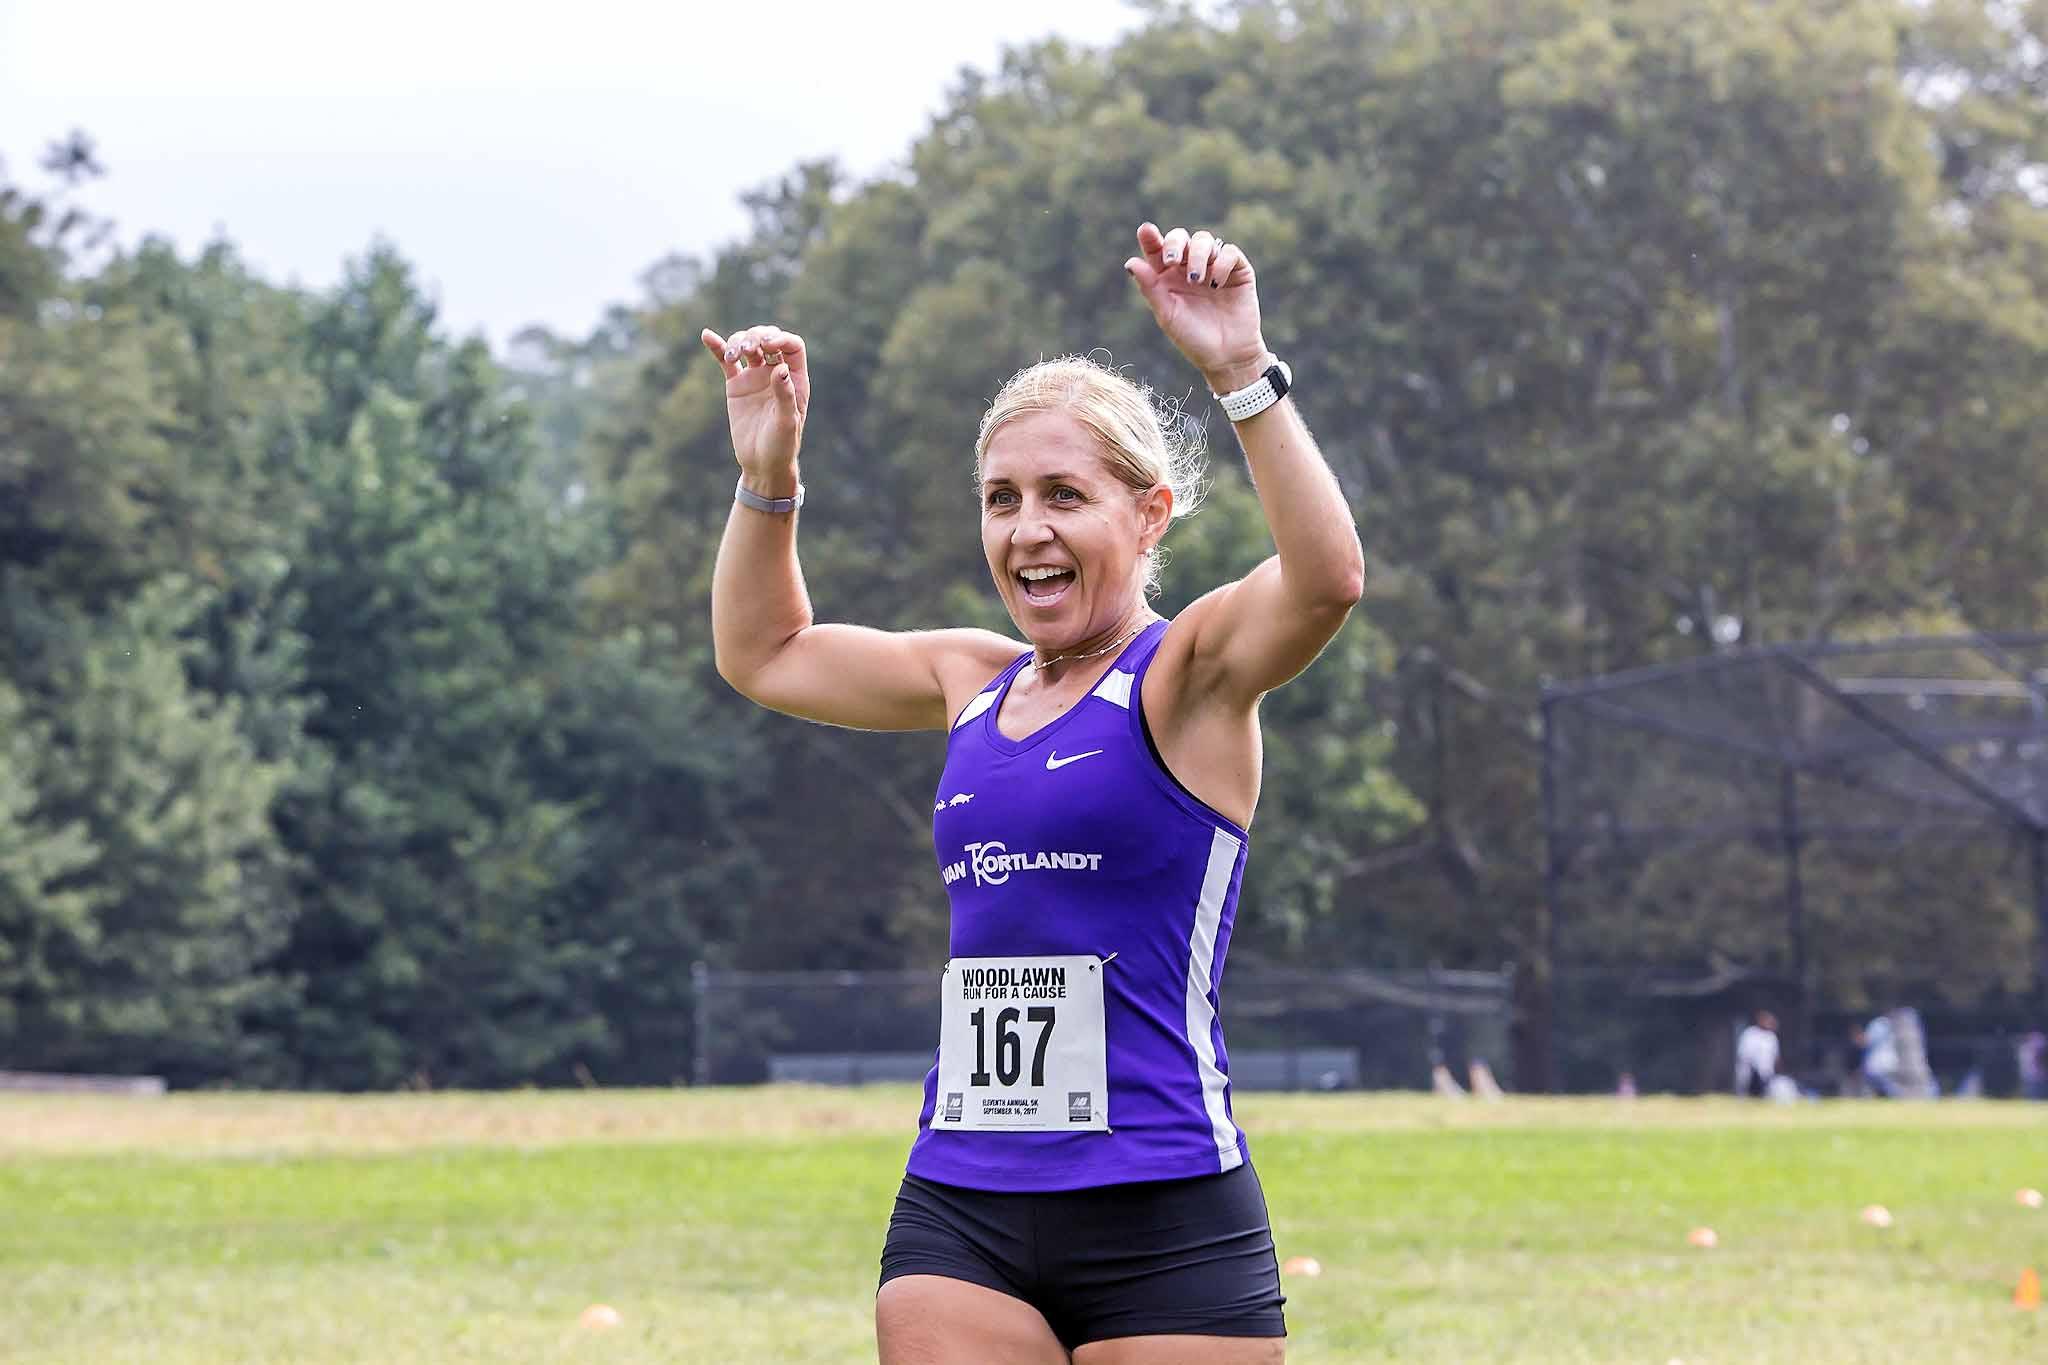 72-Woodlawn Run for a Cause-140.jpg